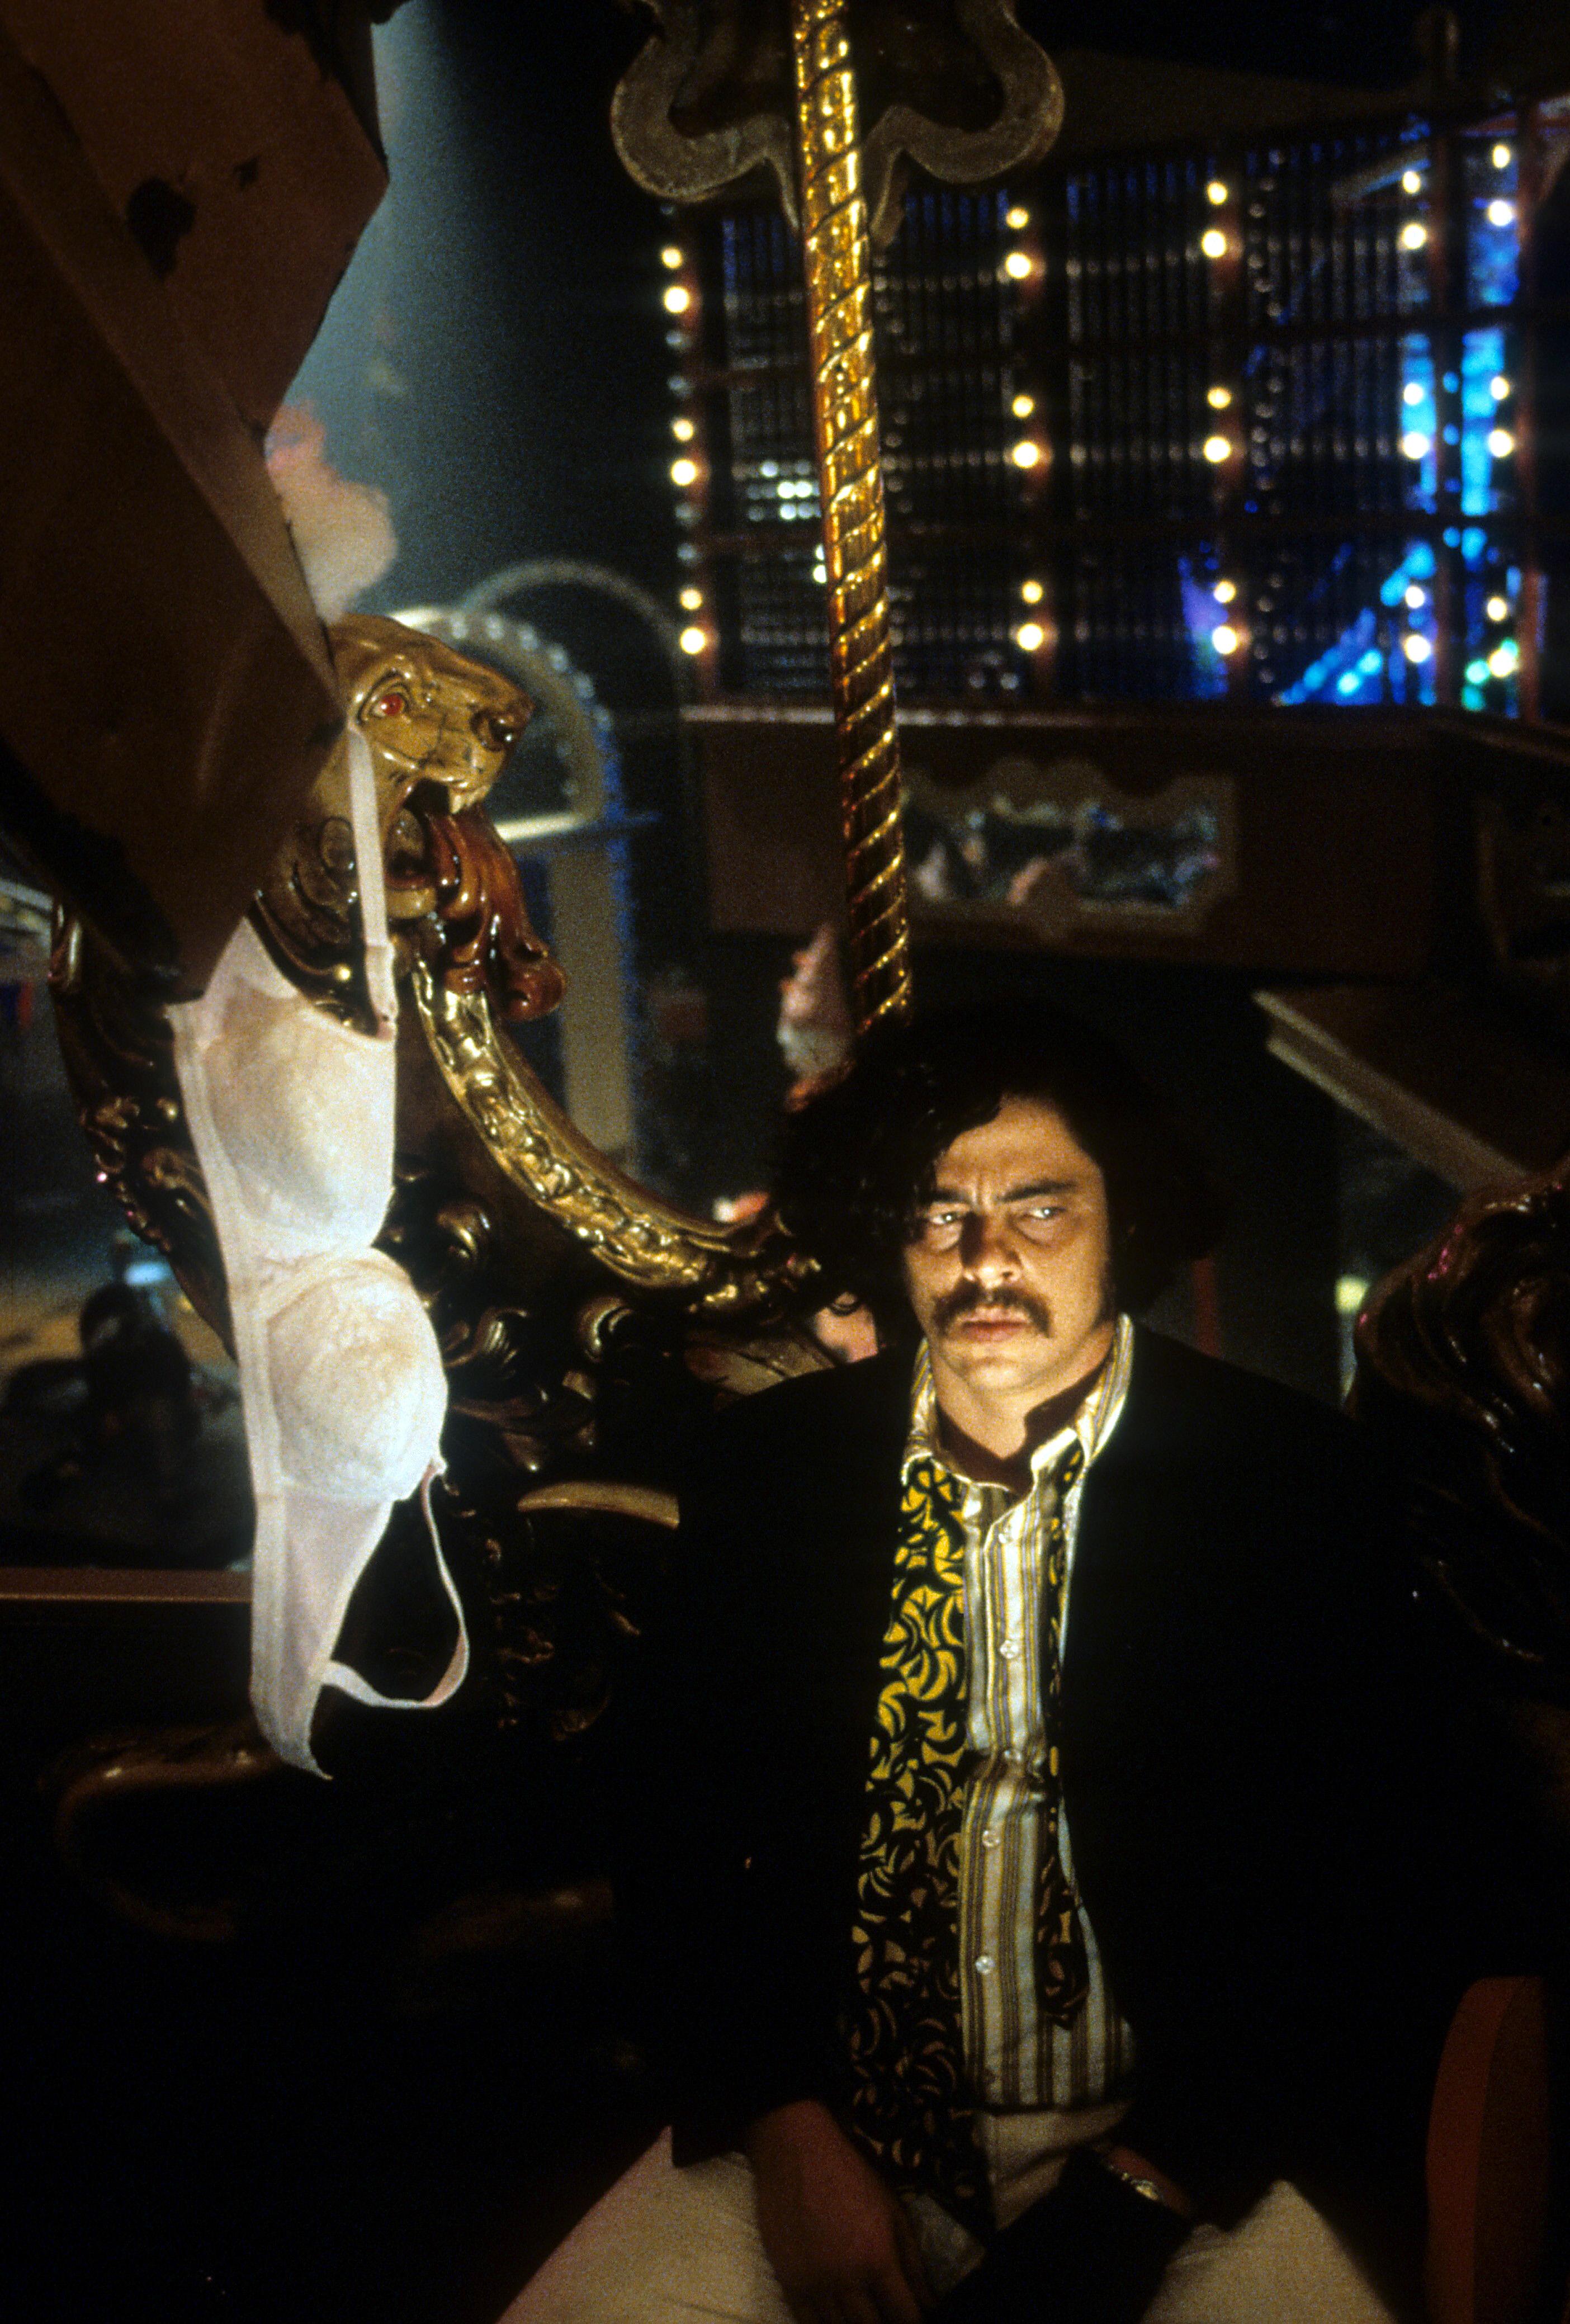 Benicio Del Toro in Fear and Loathing in Las Vegas (1998)